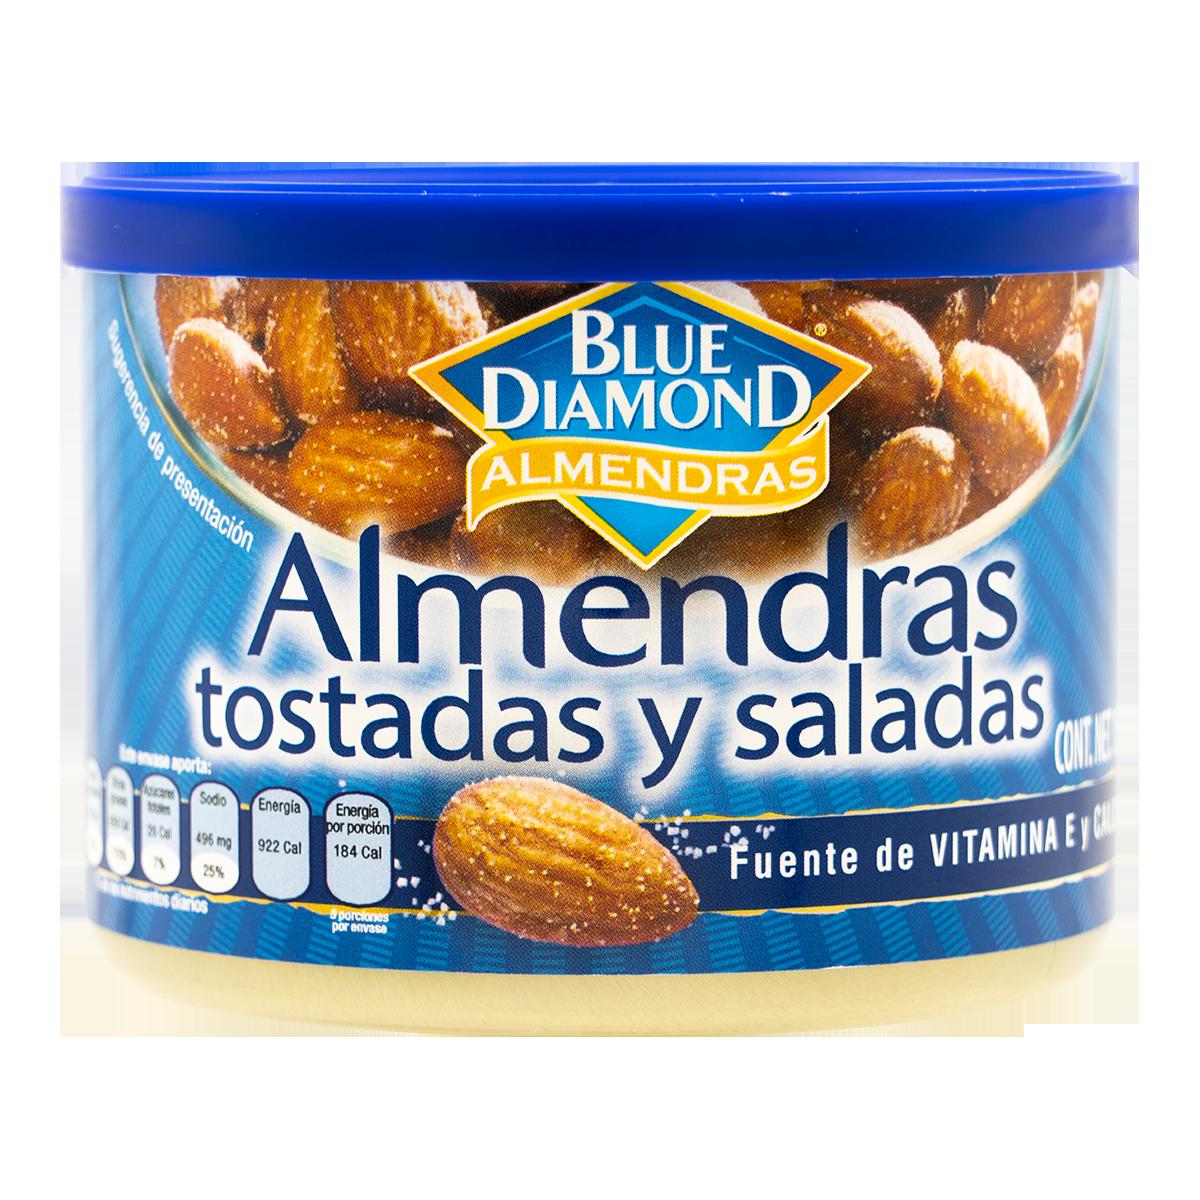 Blue Diamond - Almendras Tostadas y Saladas